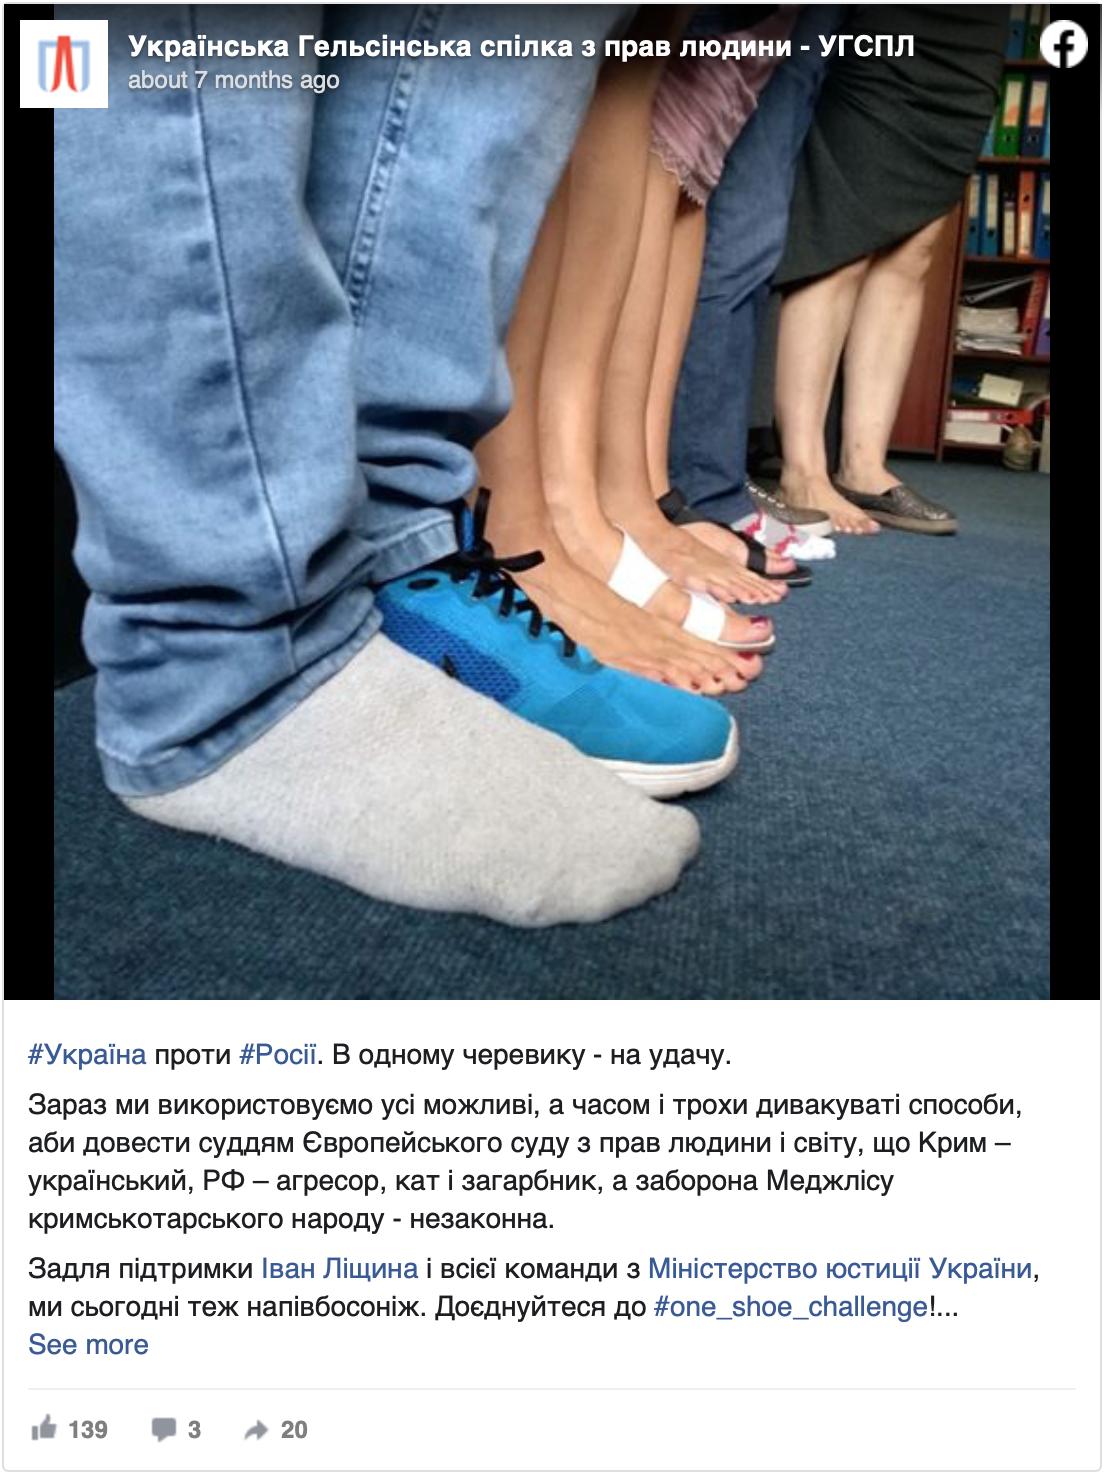 Facebook post by Ukrainian Helsinki Union